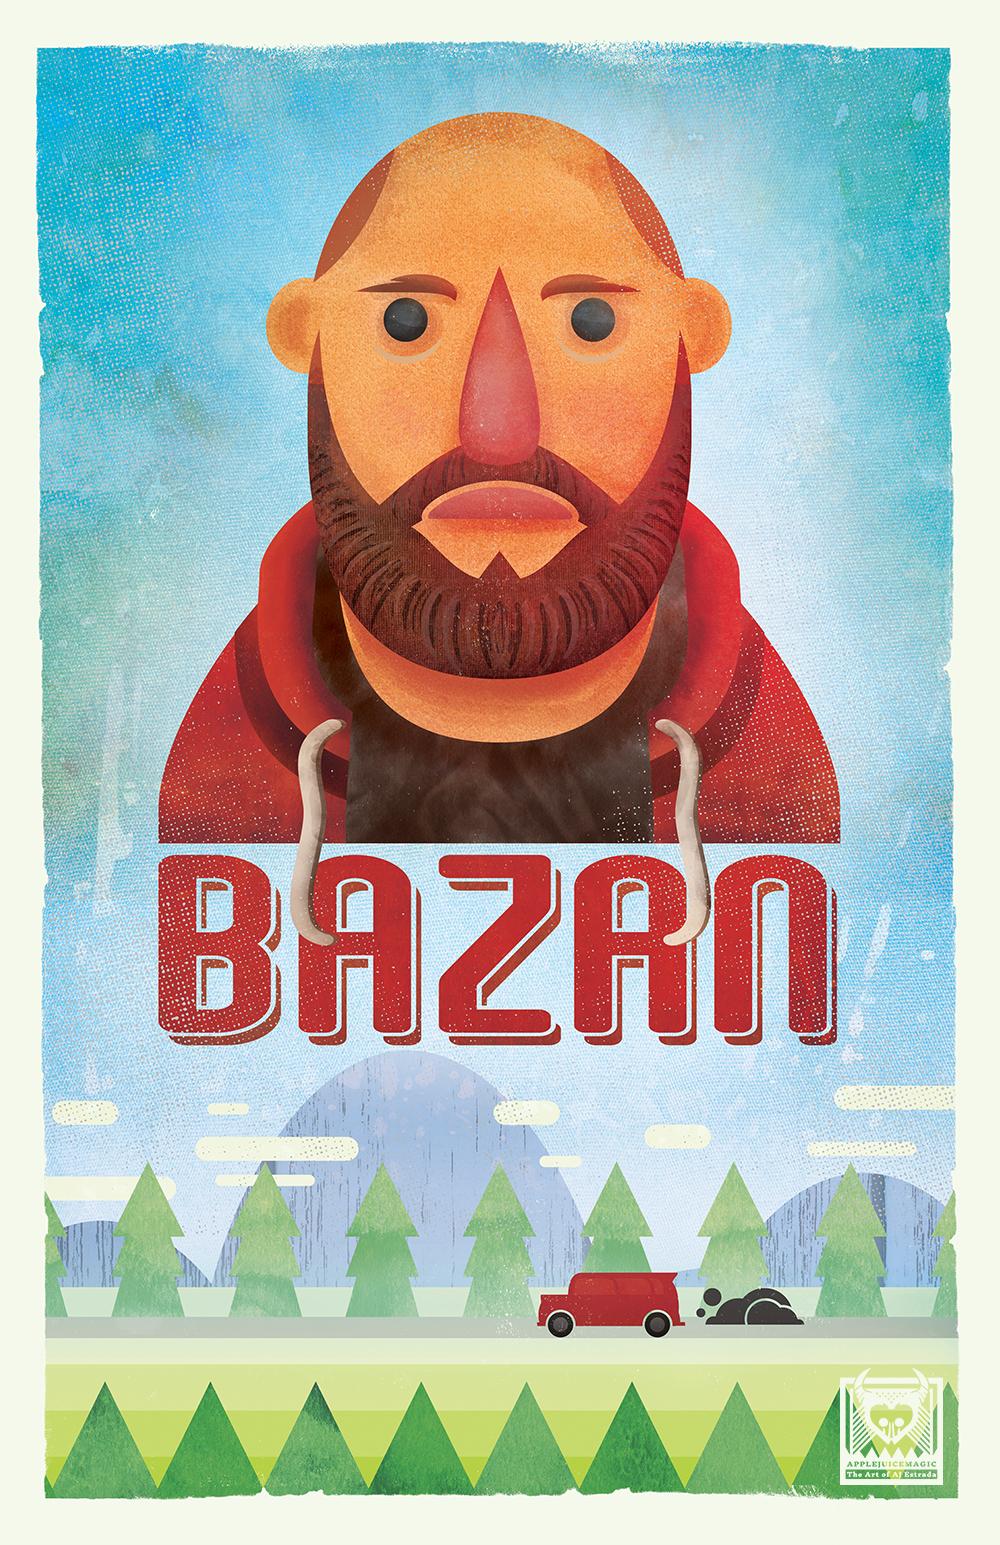 Bazan_poster_2016_WEB.jpg